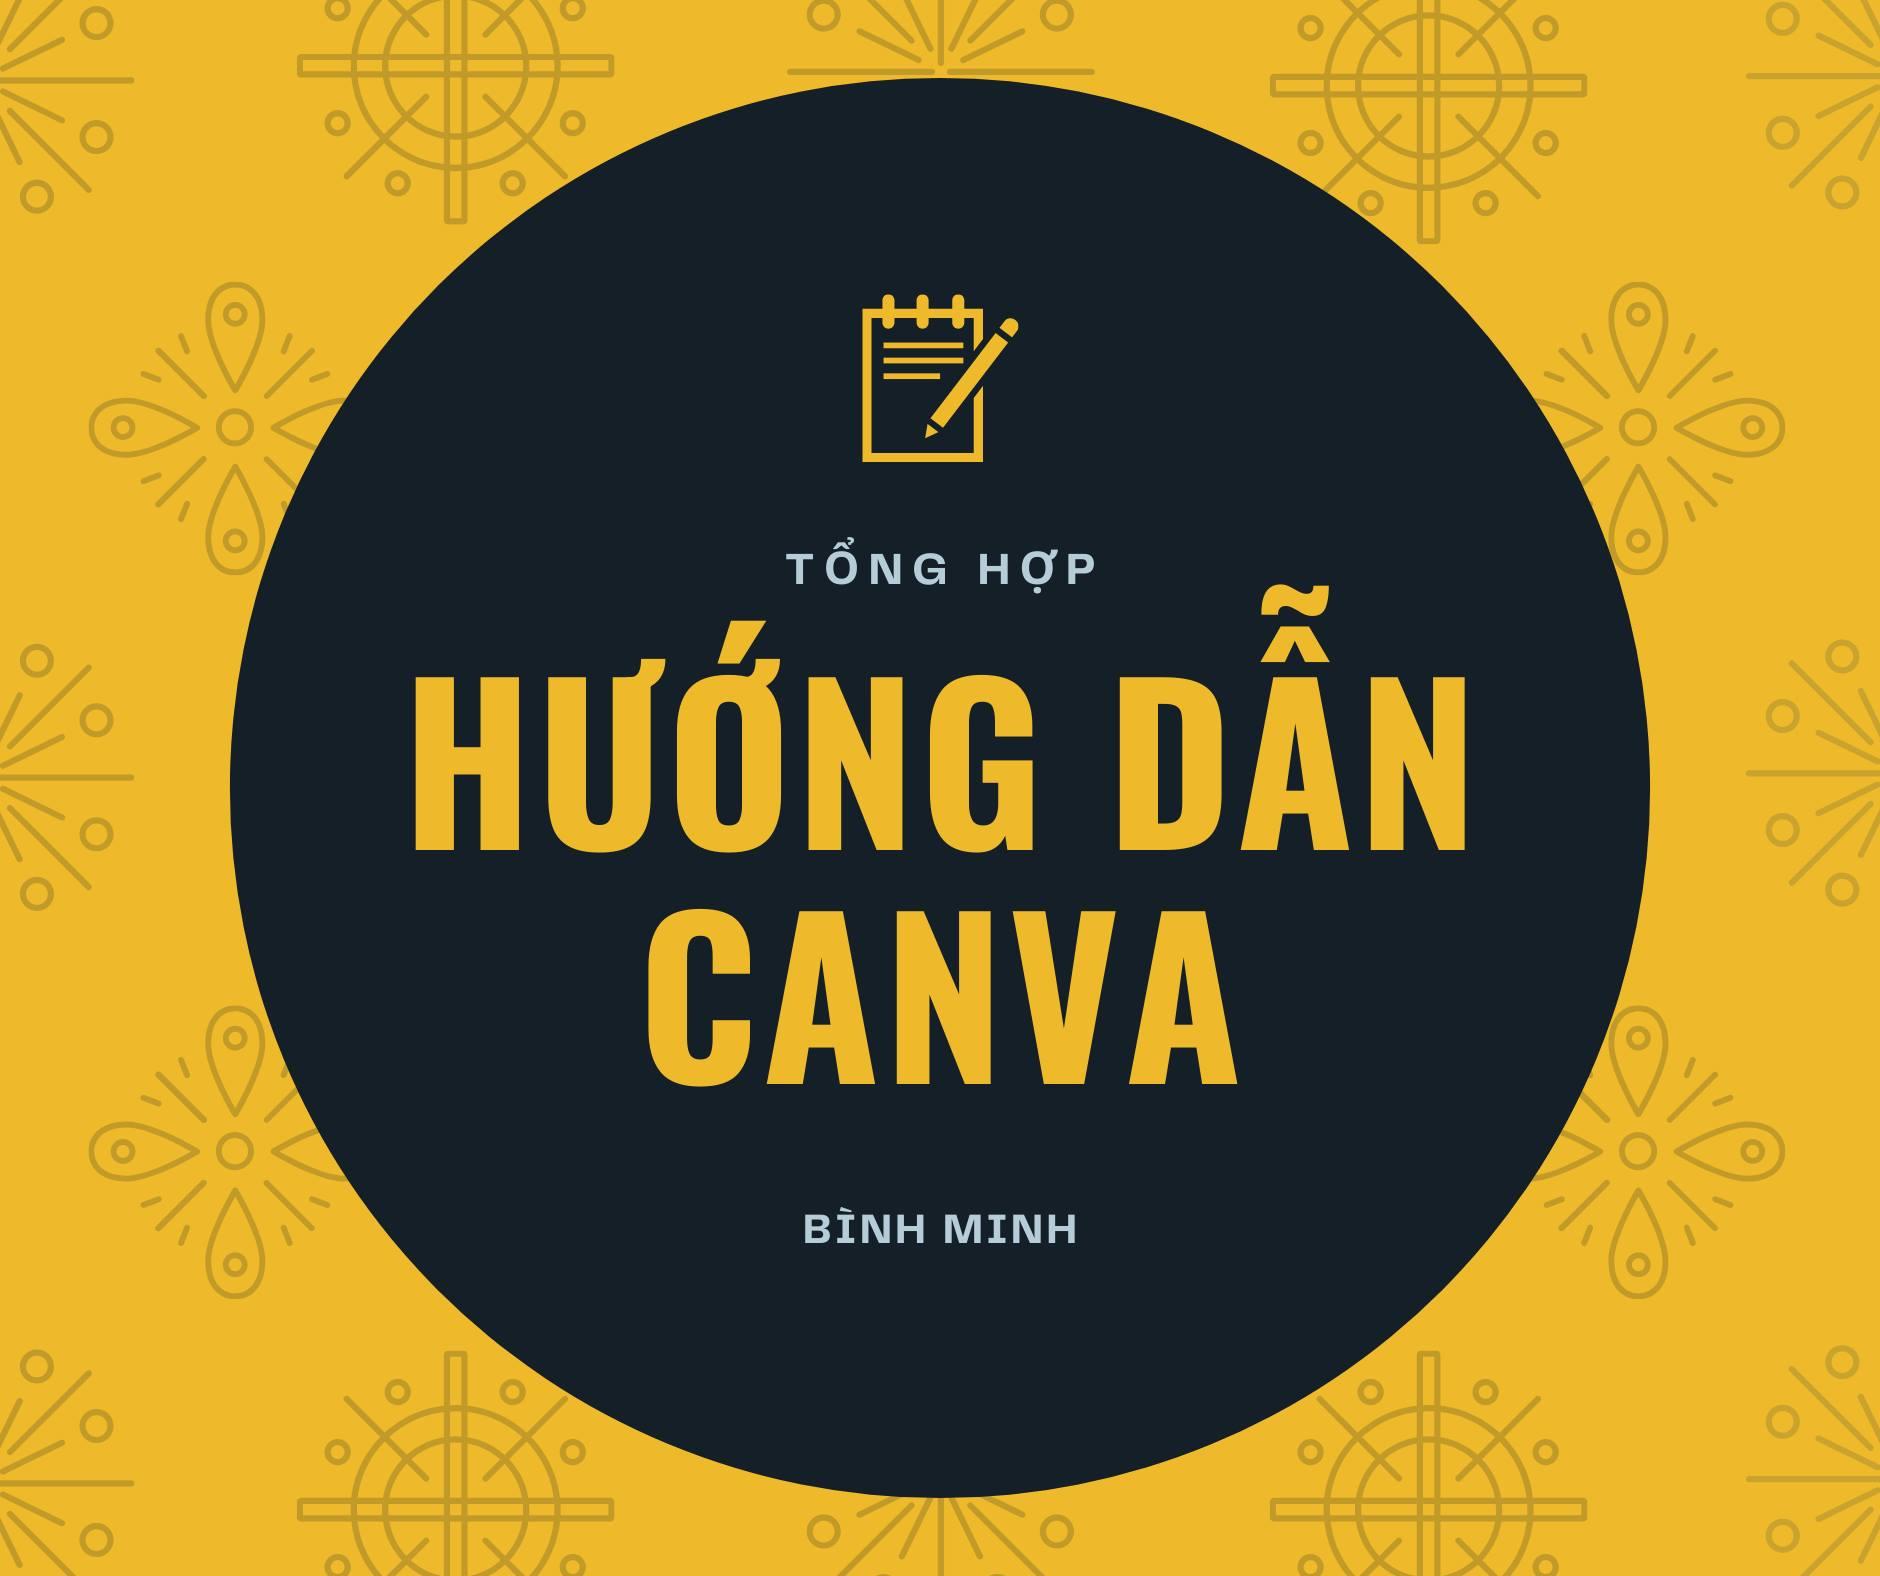 Tổng hợp hướng dẫn sử dụng Canva bởi ông Minh Vlog 3